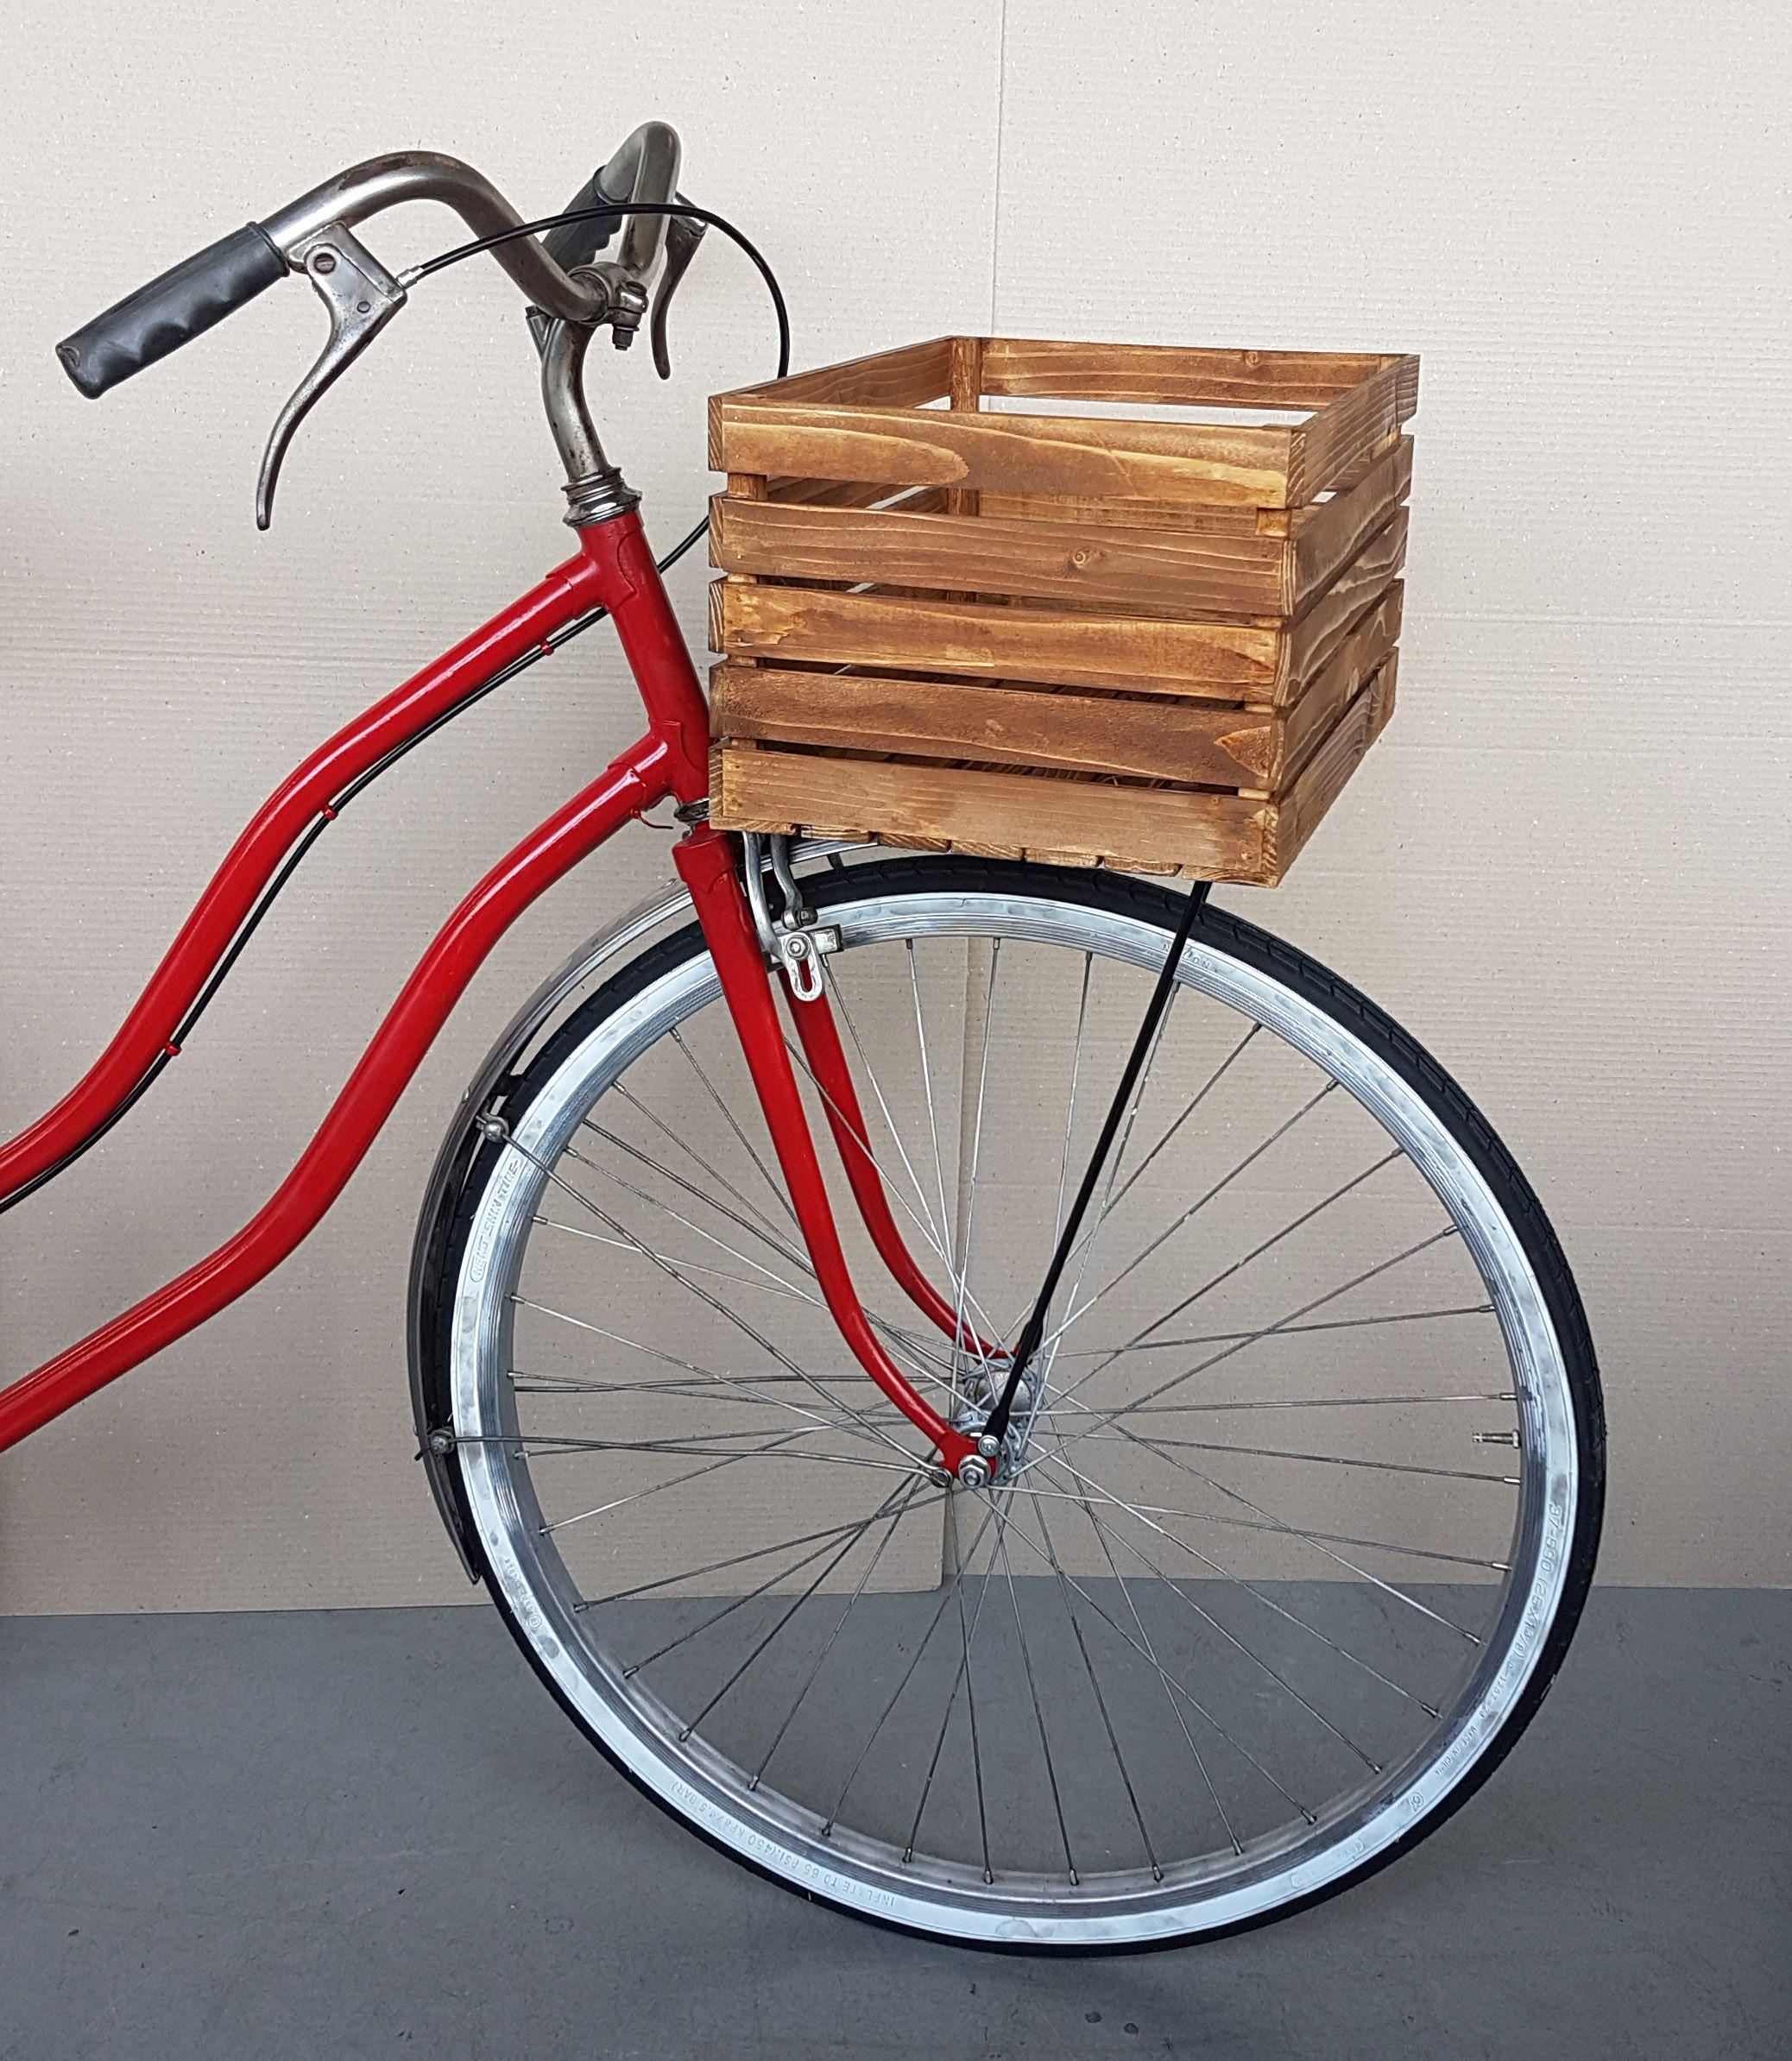 Cestino per bicicletta realizzato a mano con legno riciclato Legno riciclato Pinterest